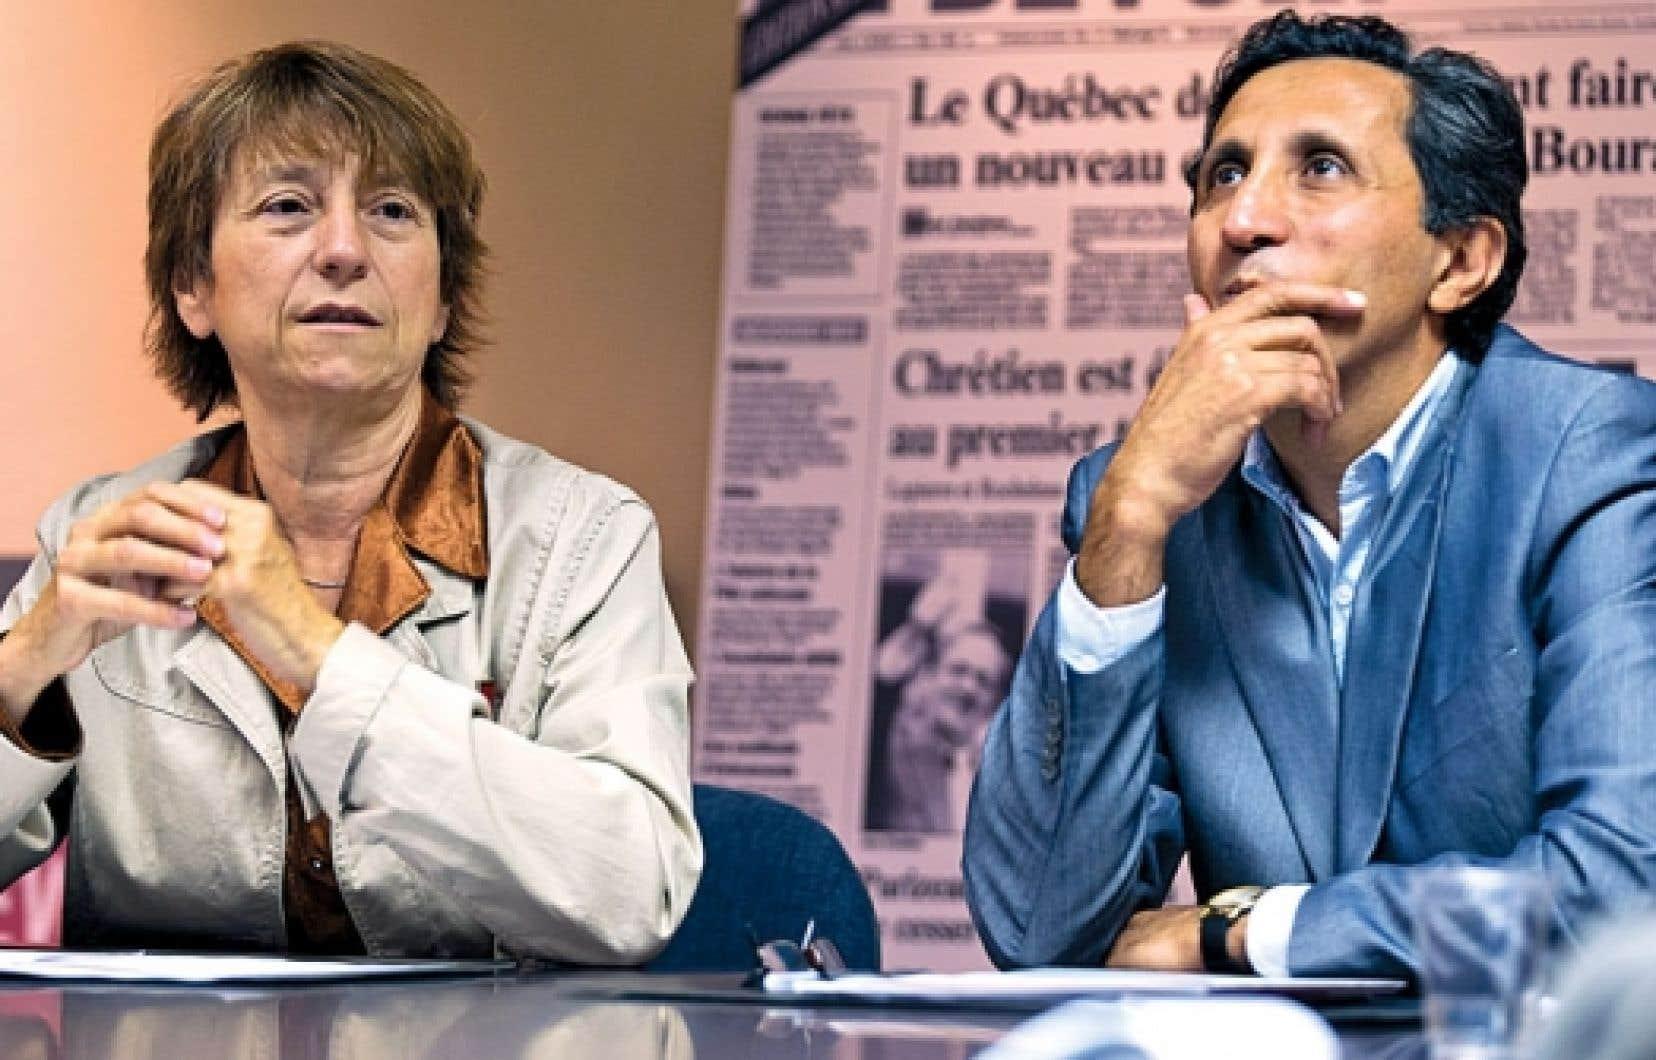 «Nous allons appuyer toutes les mesures, tous les projets de loi qui [...] vont dans le sens du progrès social, d'une économie fondée sur une vision écologiste du développement du Québec et la souveraineté», dit Françoise David.